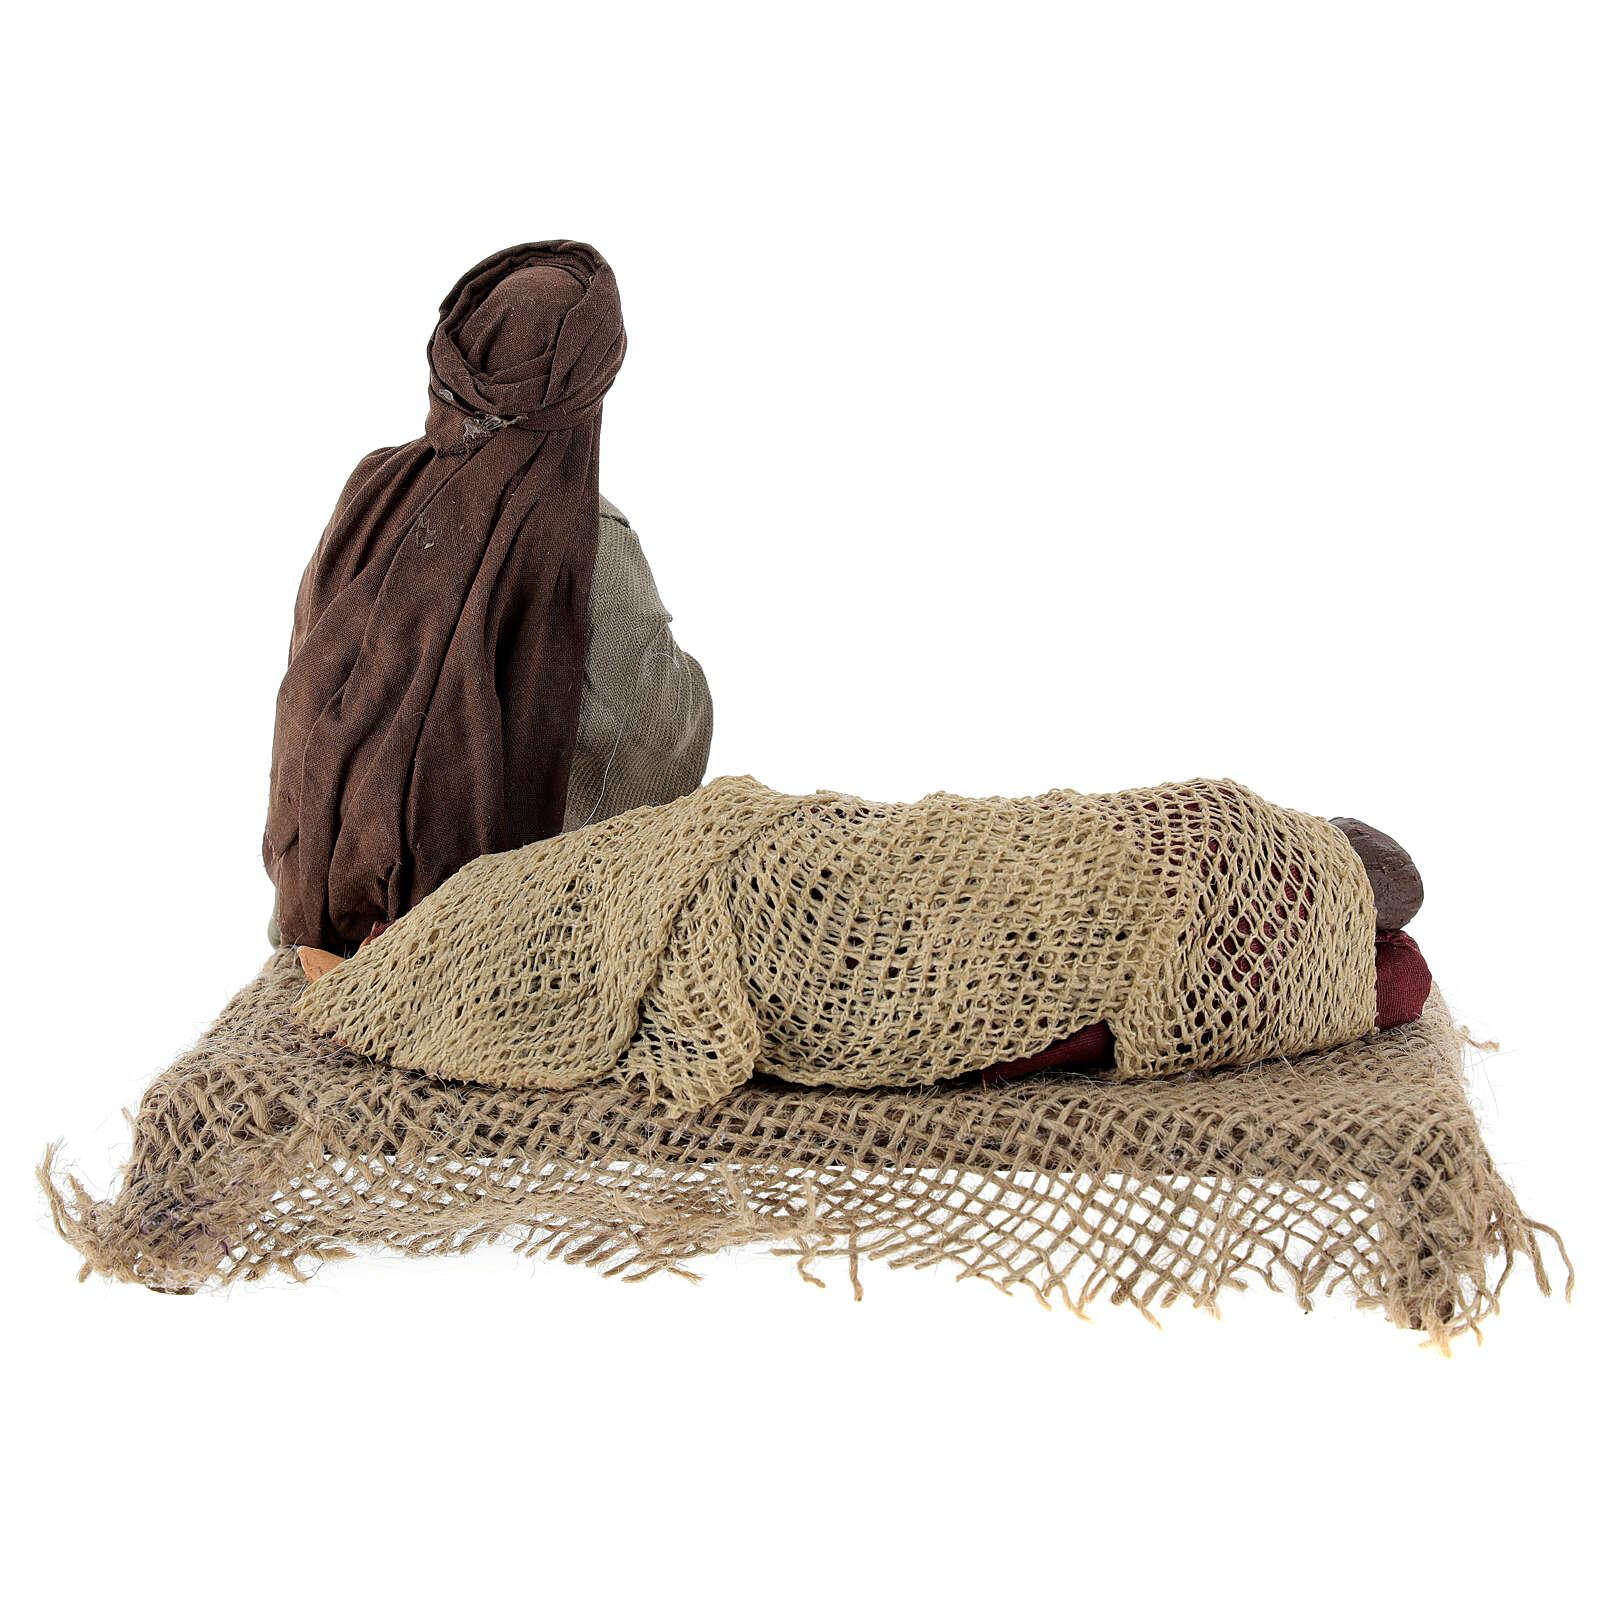 Natività con Madonna che riposa presepe napoletano 15 cm 4